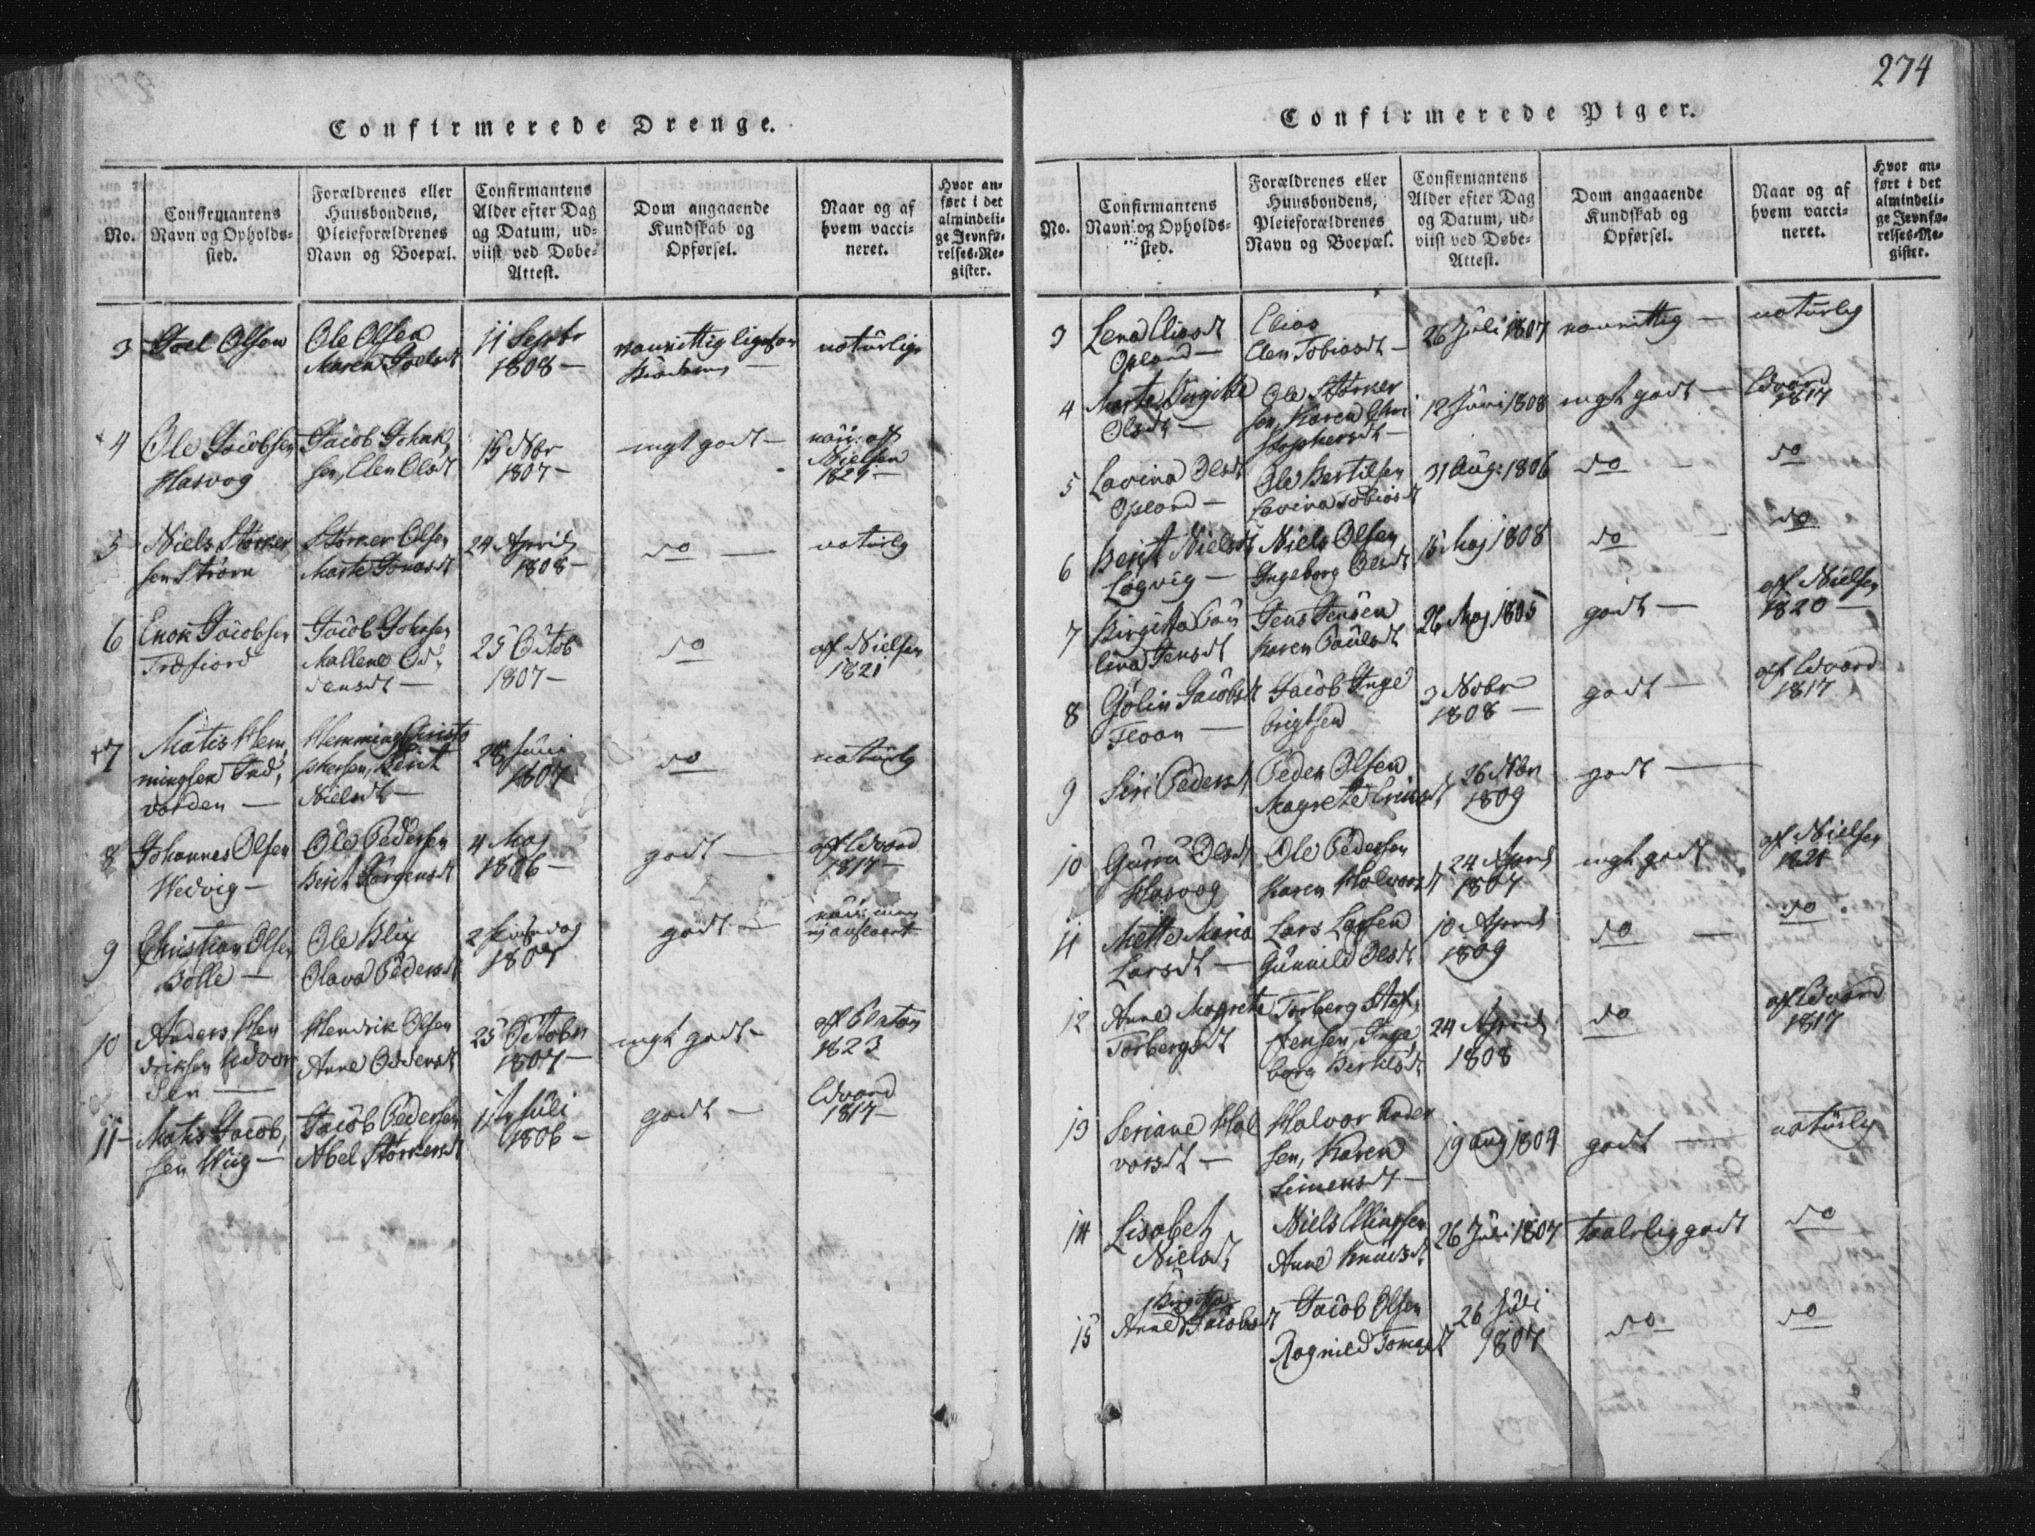 SAT, Ministerialprotokoller, klokkerbøker og fødselsregistre - Nord-Trøndelag, 773/L0609: Ministerialbok nr. 773A03 /3, 1815-1830, s. 274